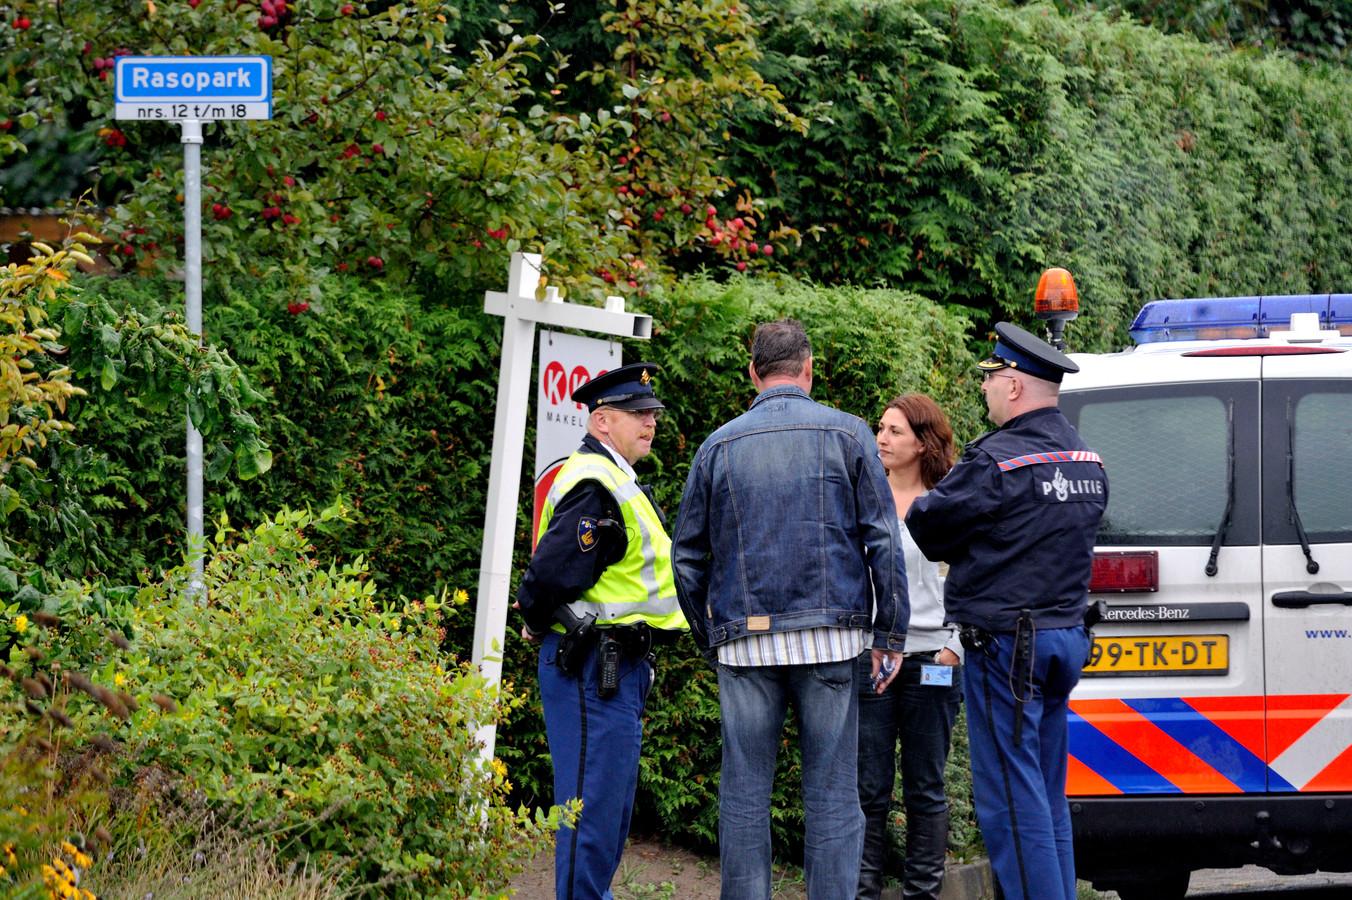 In 2008 valt de politie binnen bij panden van de Orde der Transformanten aan het Rasopark in Hoeven naar aanleiding was de aanslag op de Rotterdamse zakenman Frits Bebelaar.